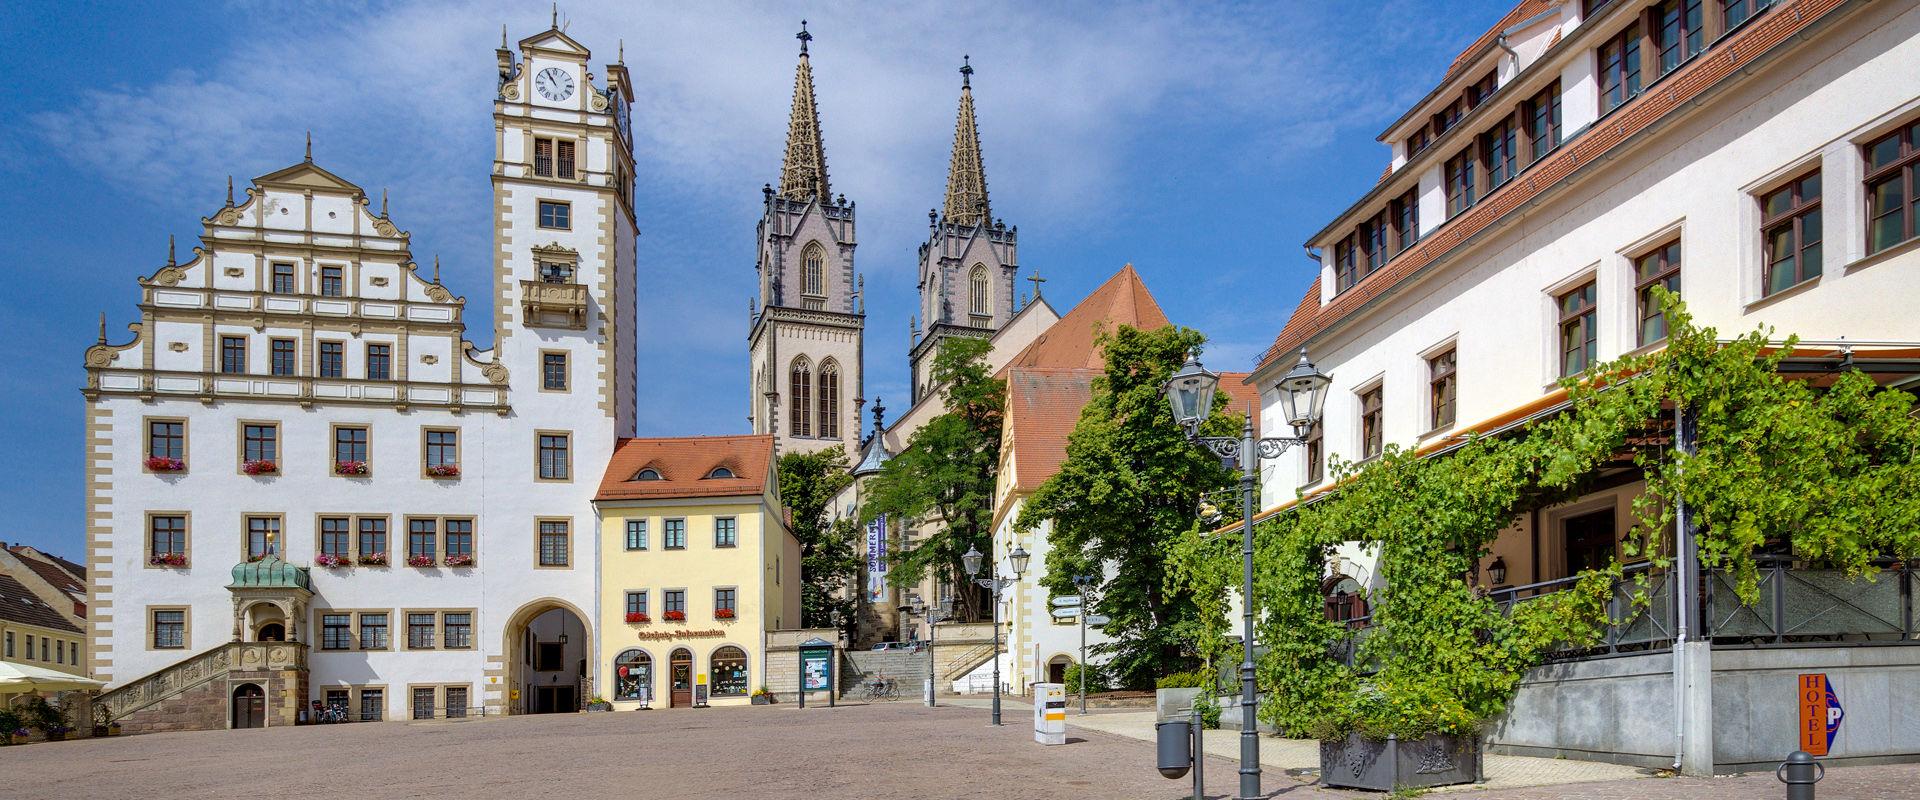 Hotel- und Restaurant Gasthaus Zum Schwan am historischen Oschatzer Neumarkt  © travdo hotels & resorts GmbH